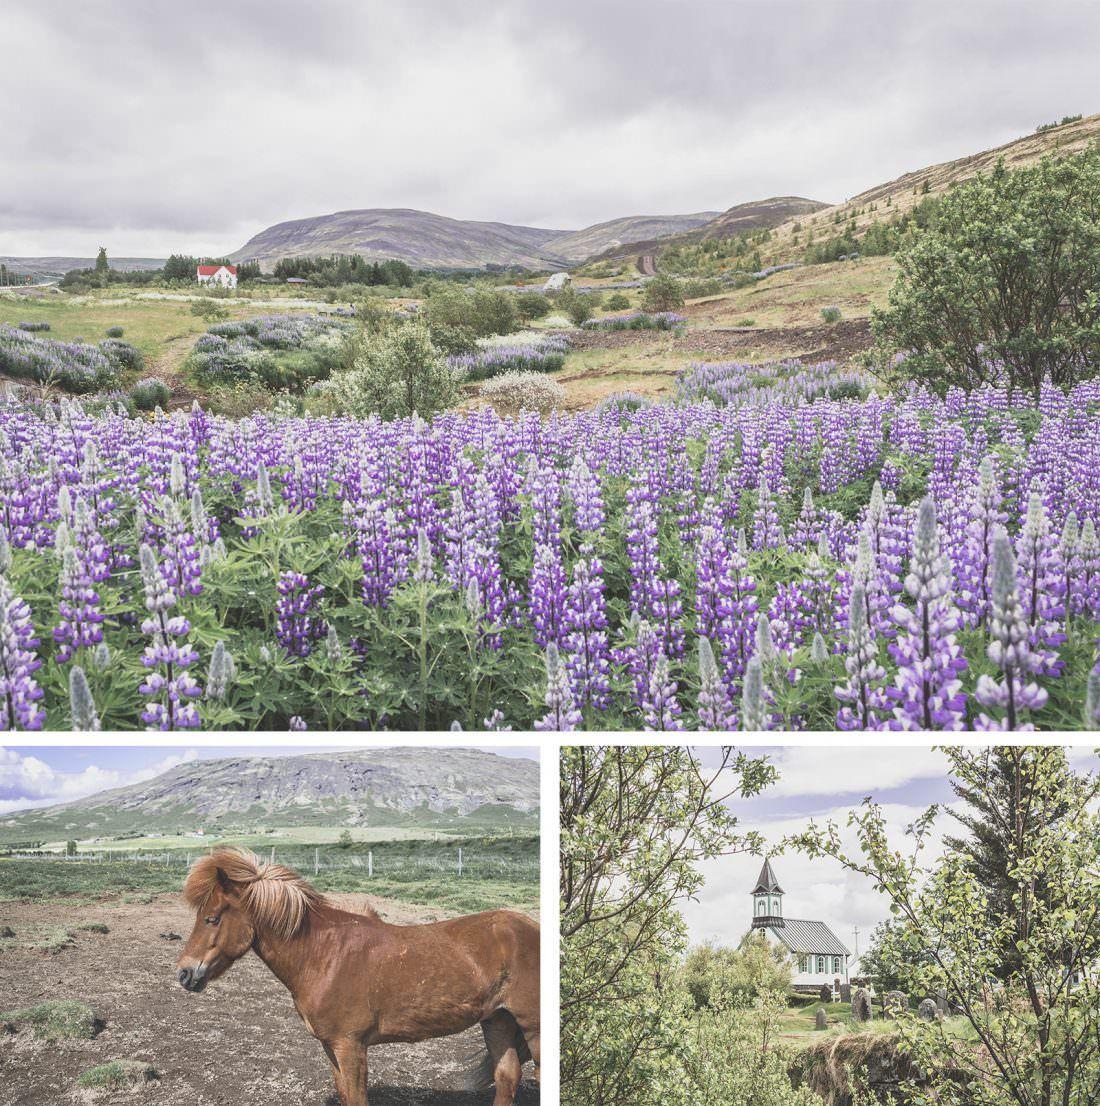 Islande | Road Trip Guide Pratique | Le parc de Thingvellir dans le cercle d'or